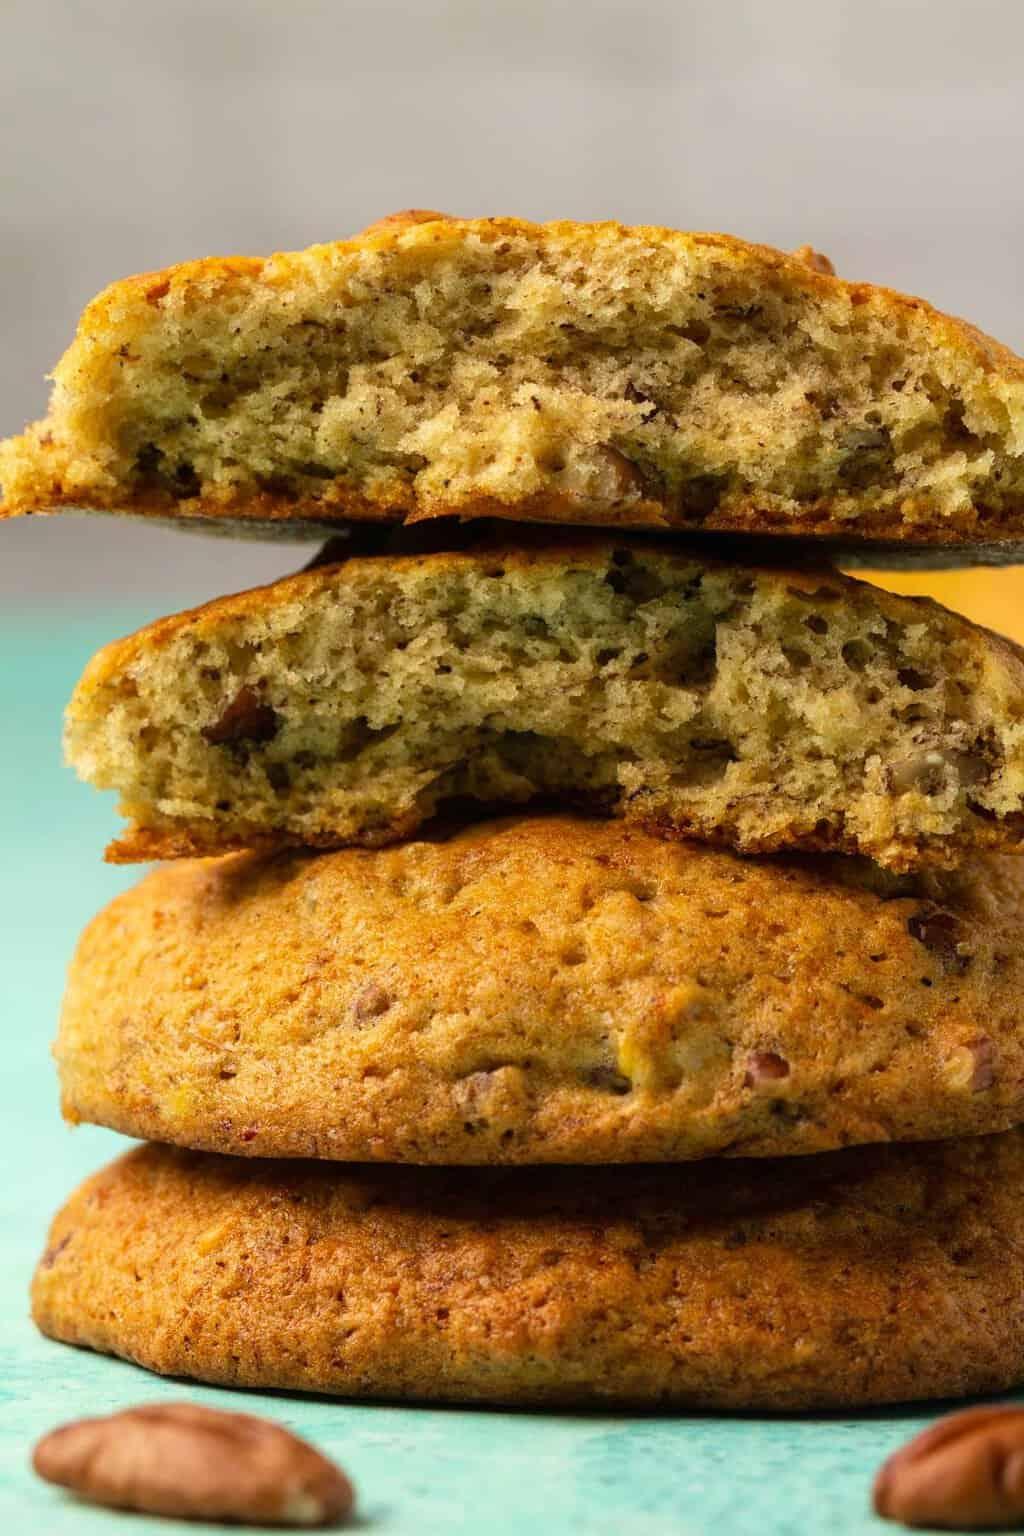 Vegan banana cookies in a stack with the top cookie broken in half.